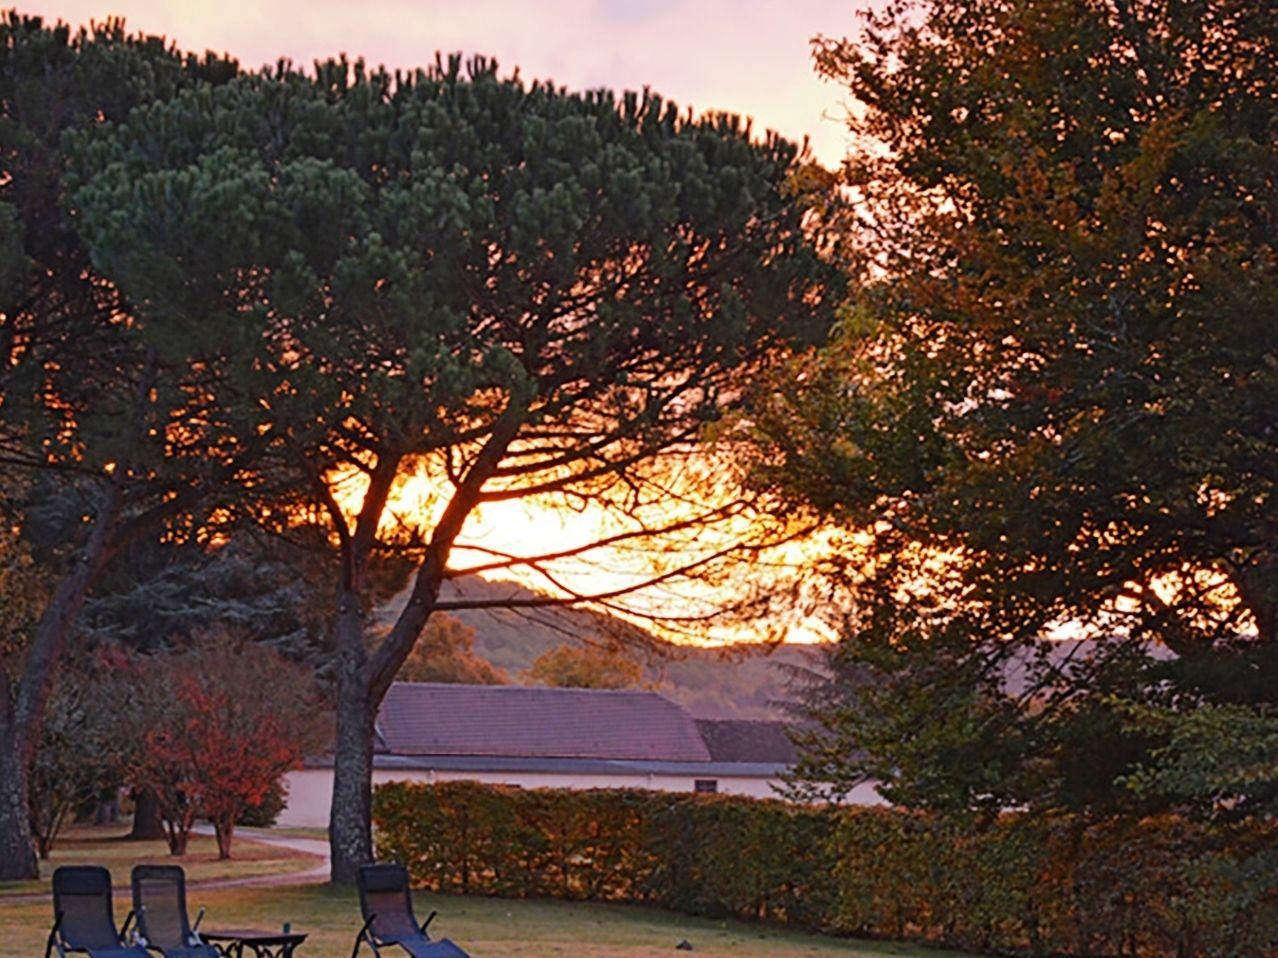 Afbeelding van Chateau Prayssac - C vakantiehuis met zwembad in Dordogne, Frankrijk